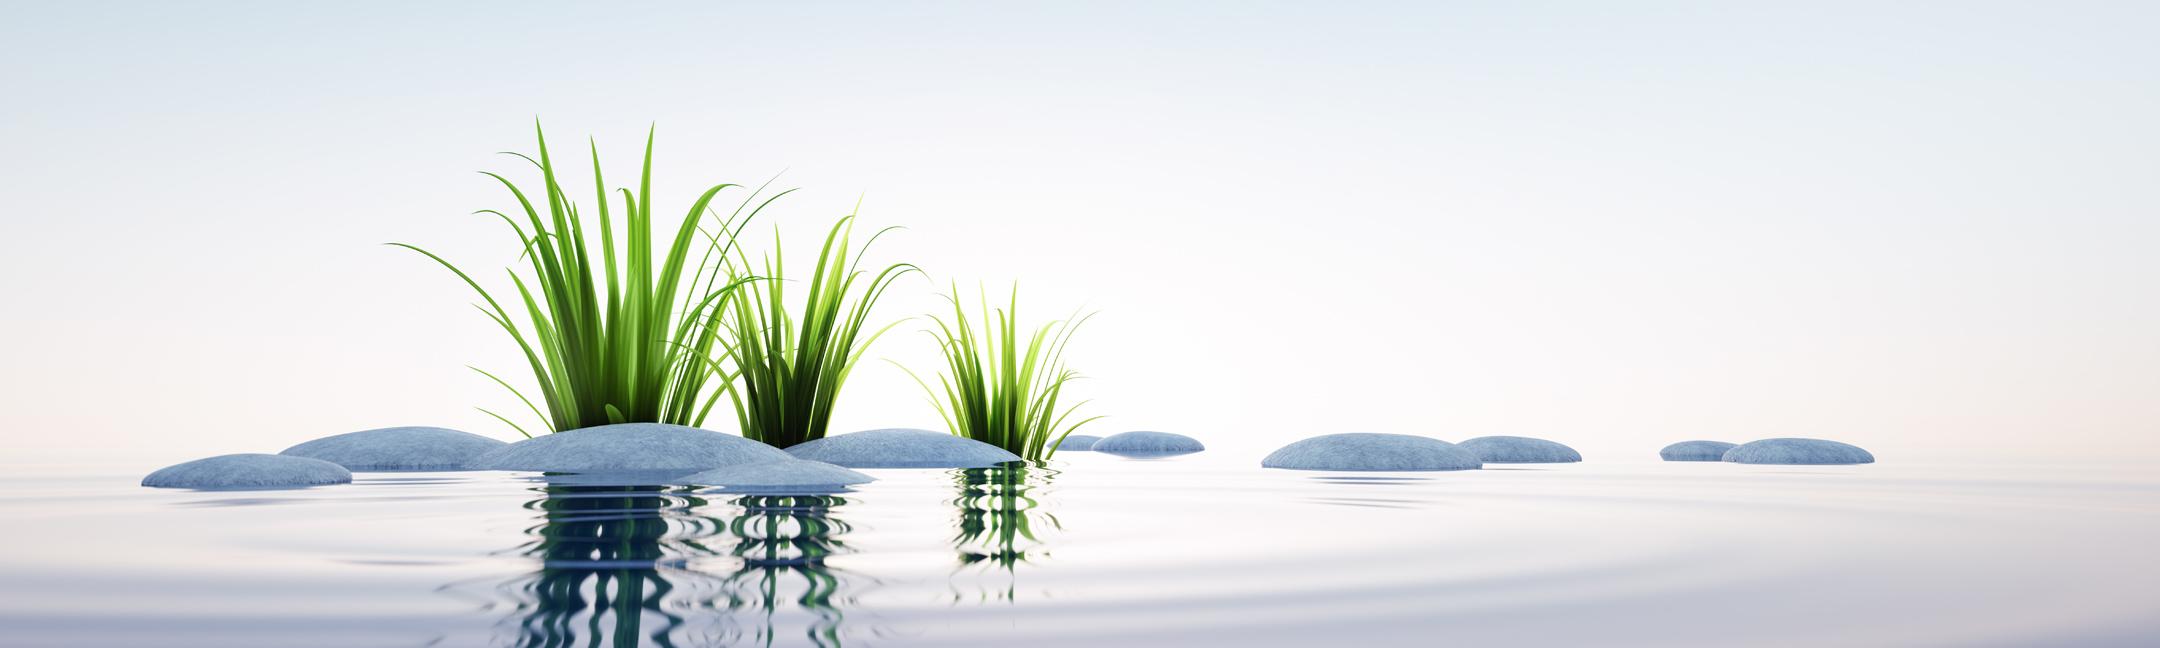 Pflanzen, die sich im Wasser spiegeln